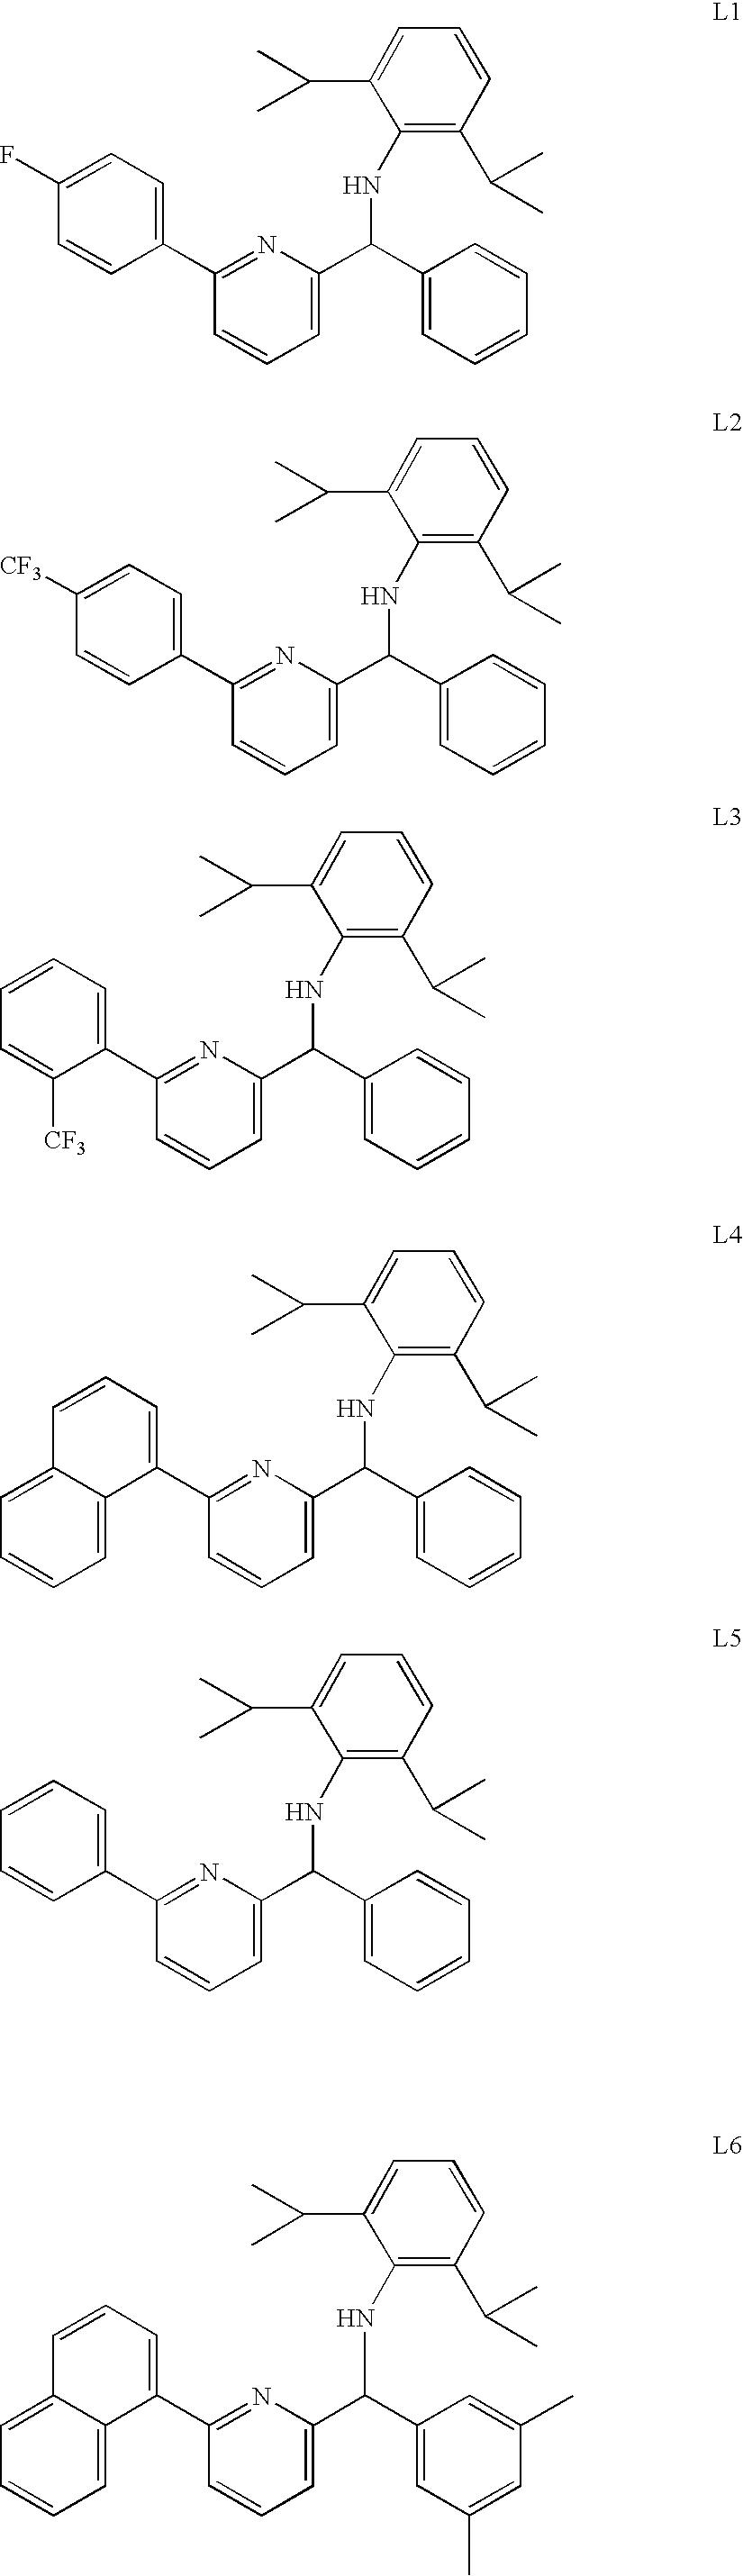 Figure US06900321-20050531-C00072